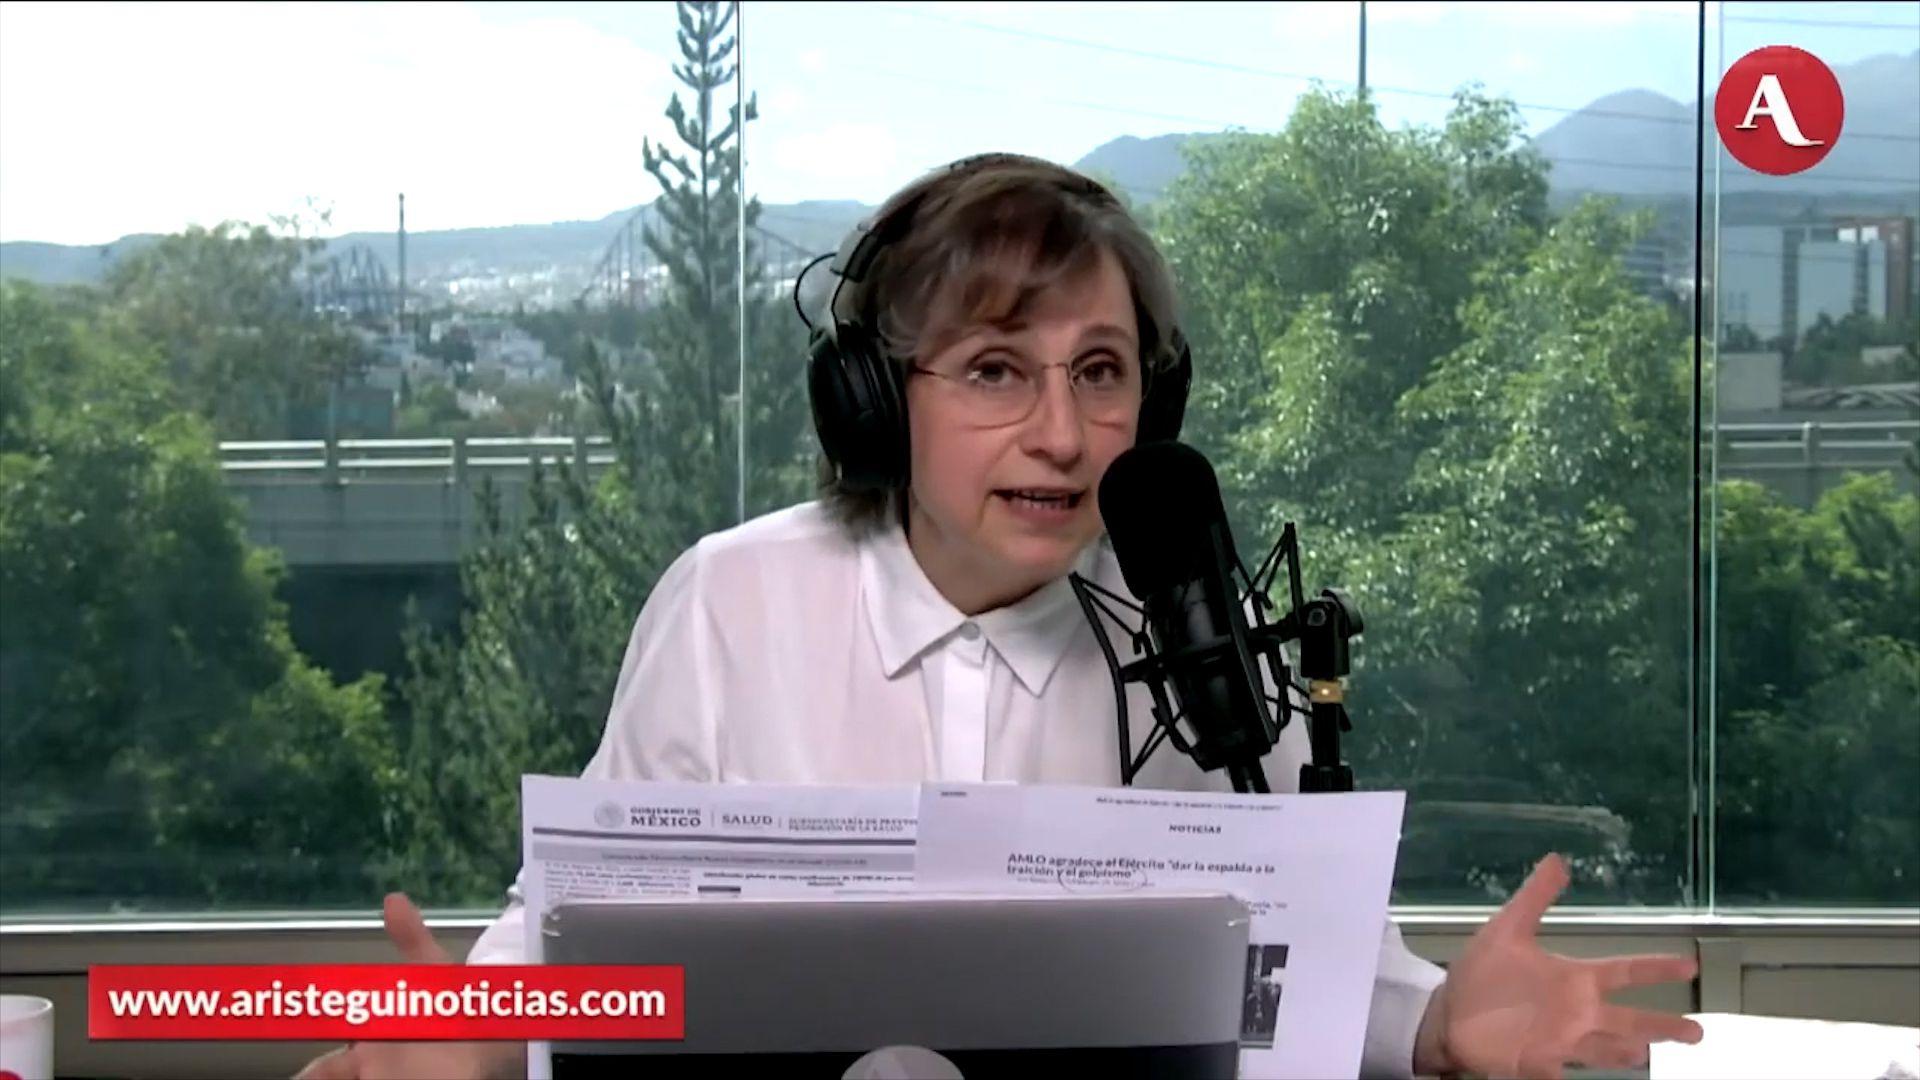 Carmen Aristegui durante una transmisión del programa (Foto: Captura de pantalla/Aristegui Noticias)